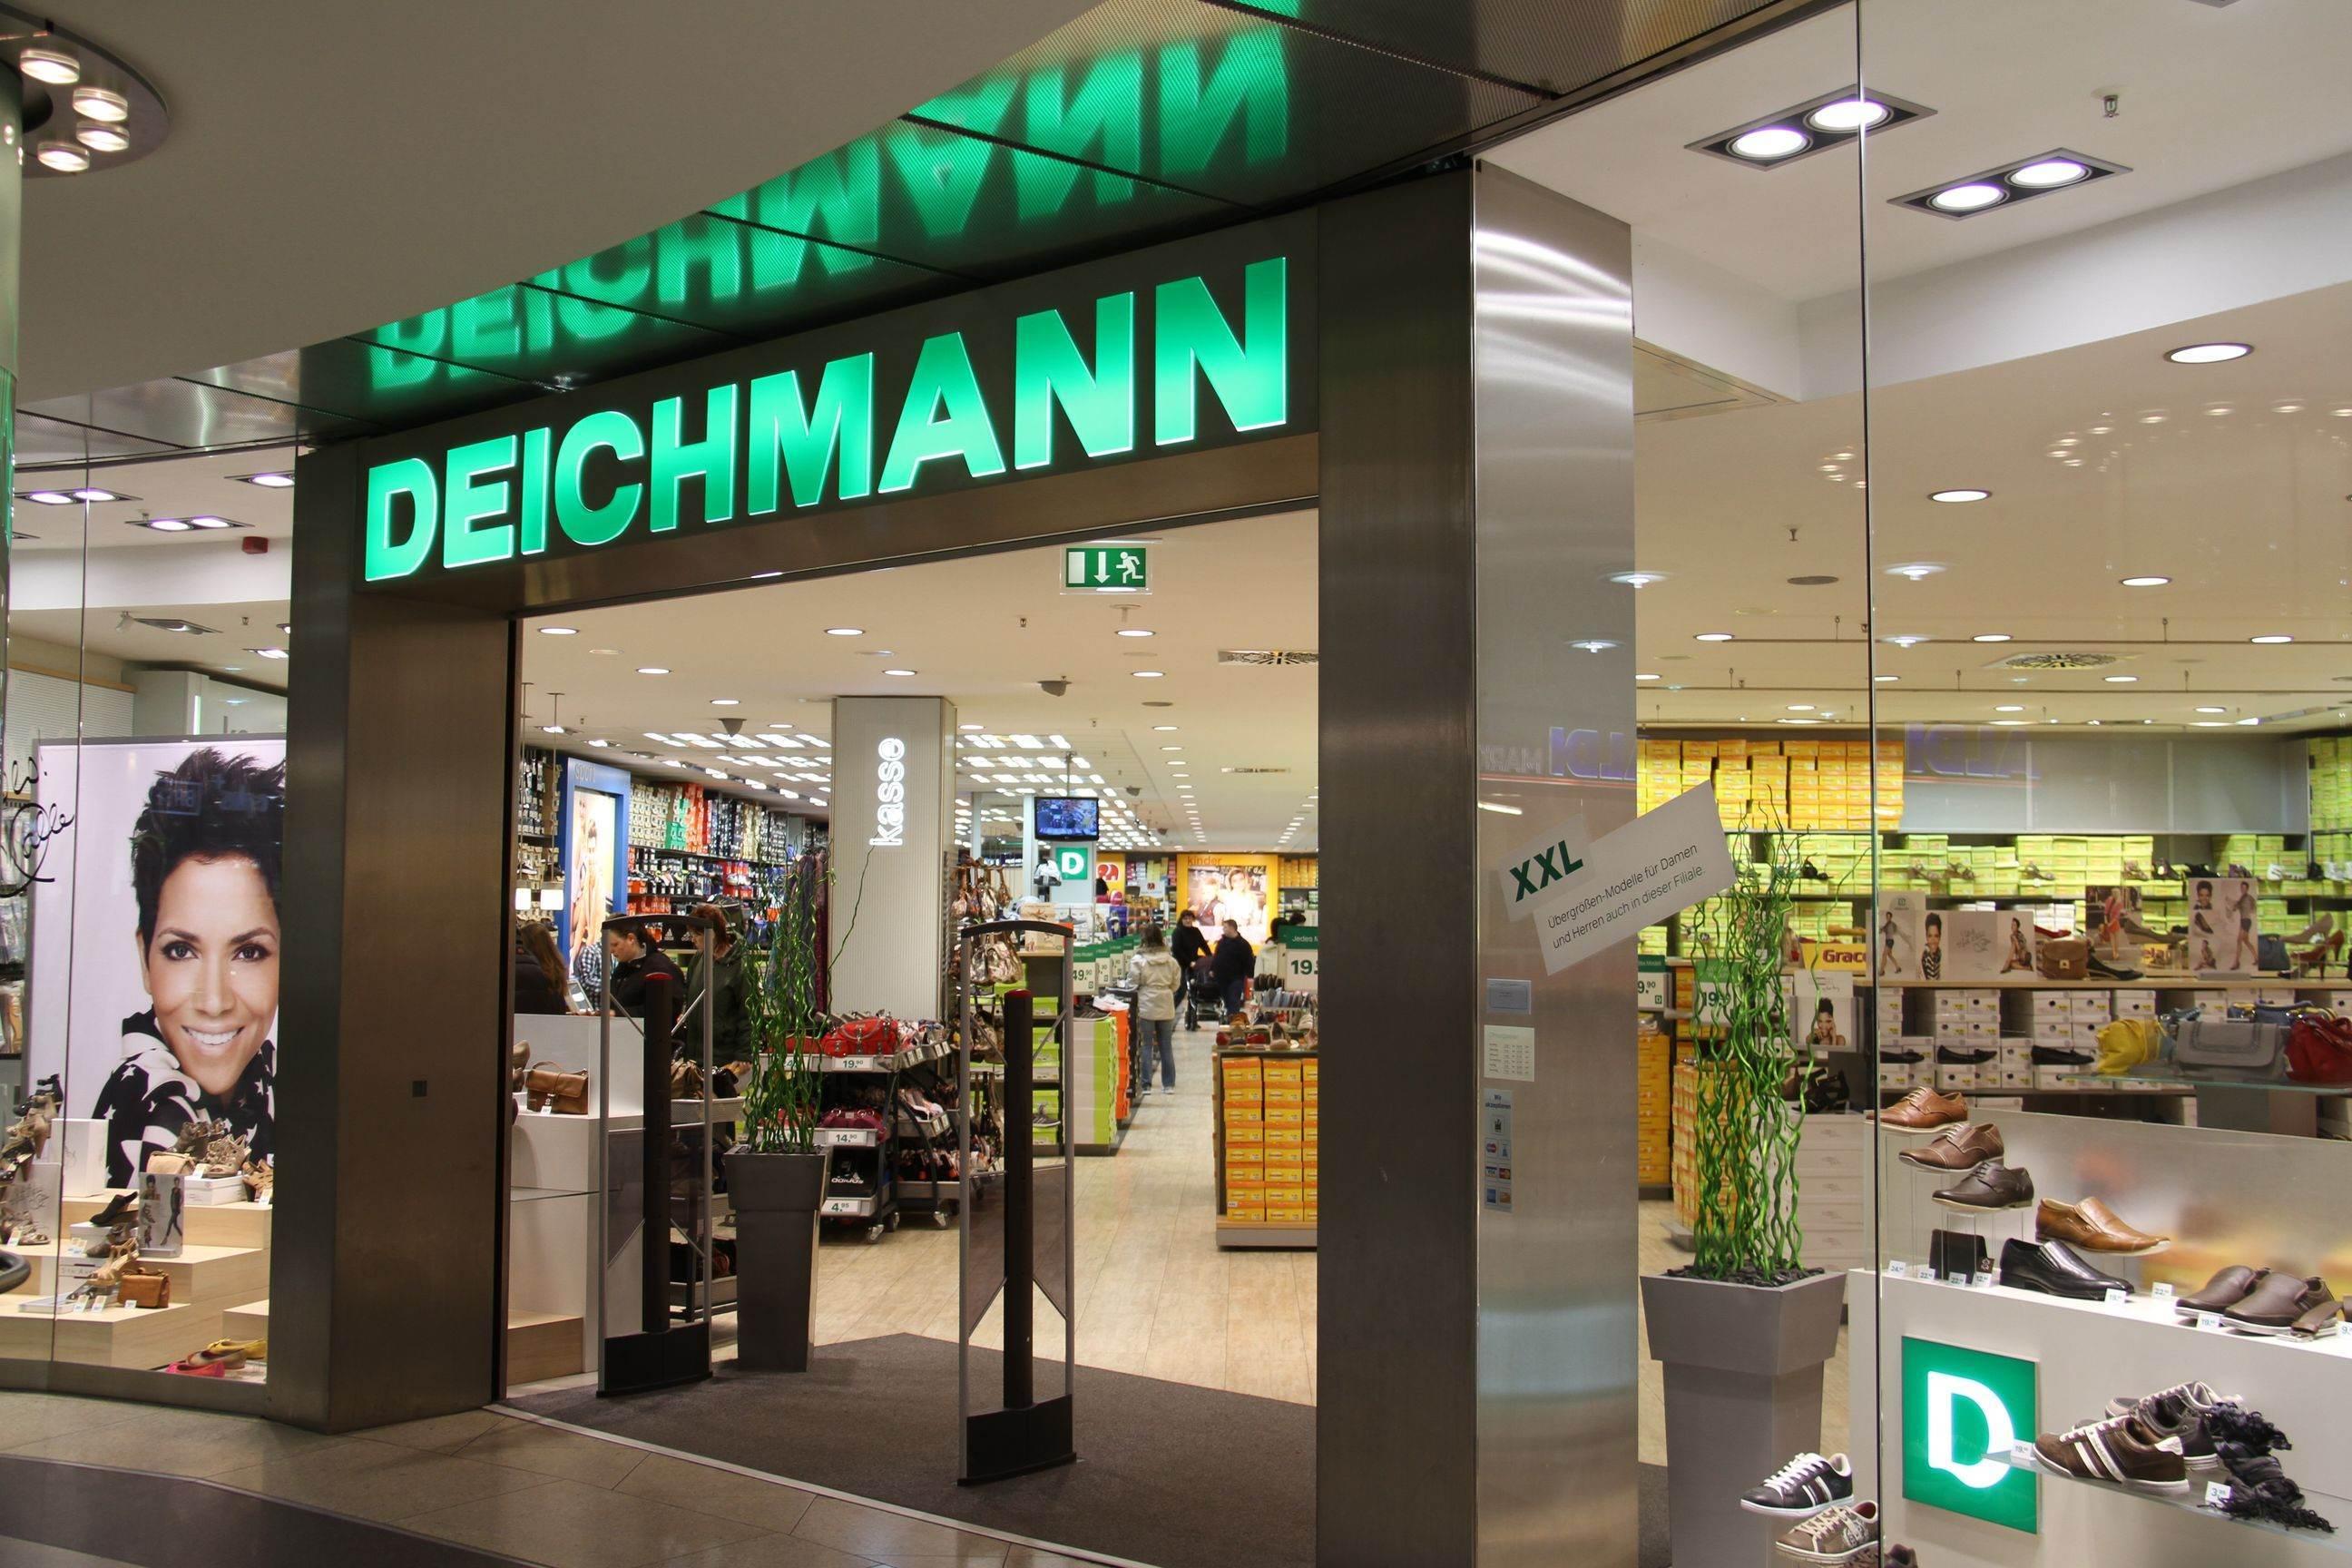 Drichmann